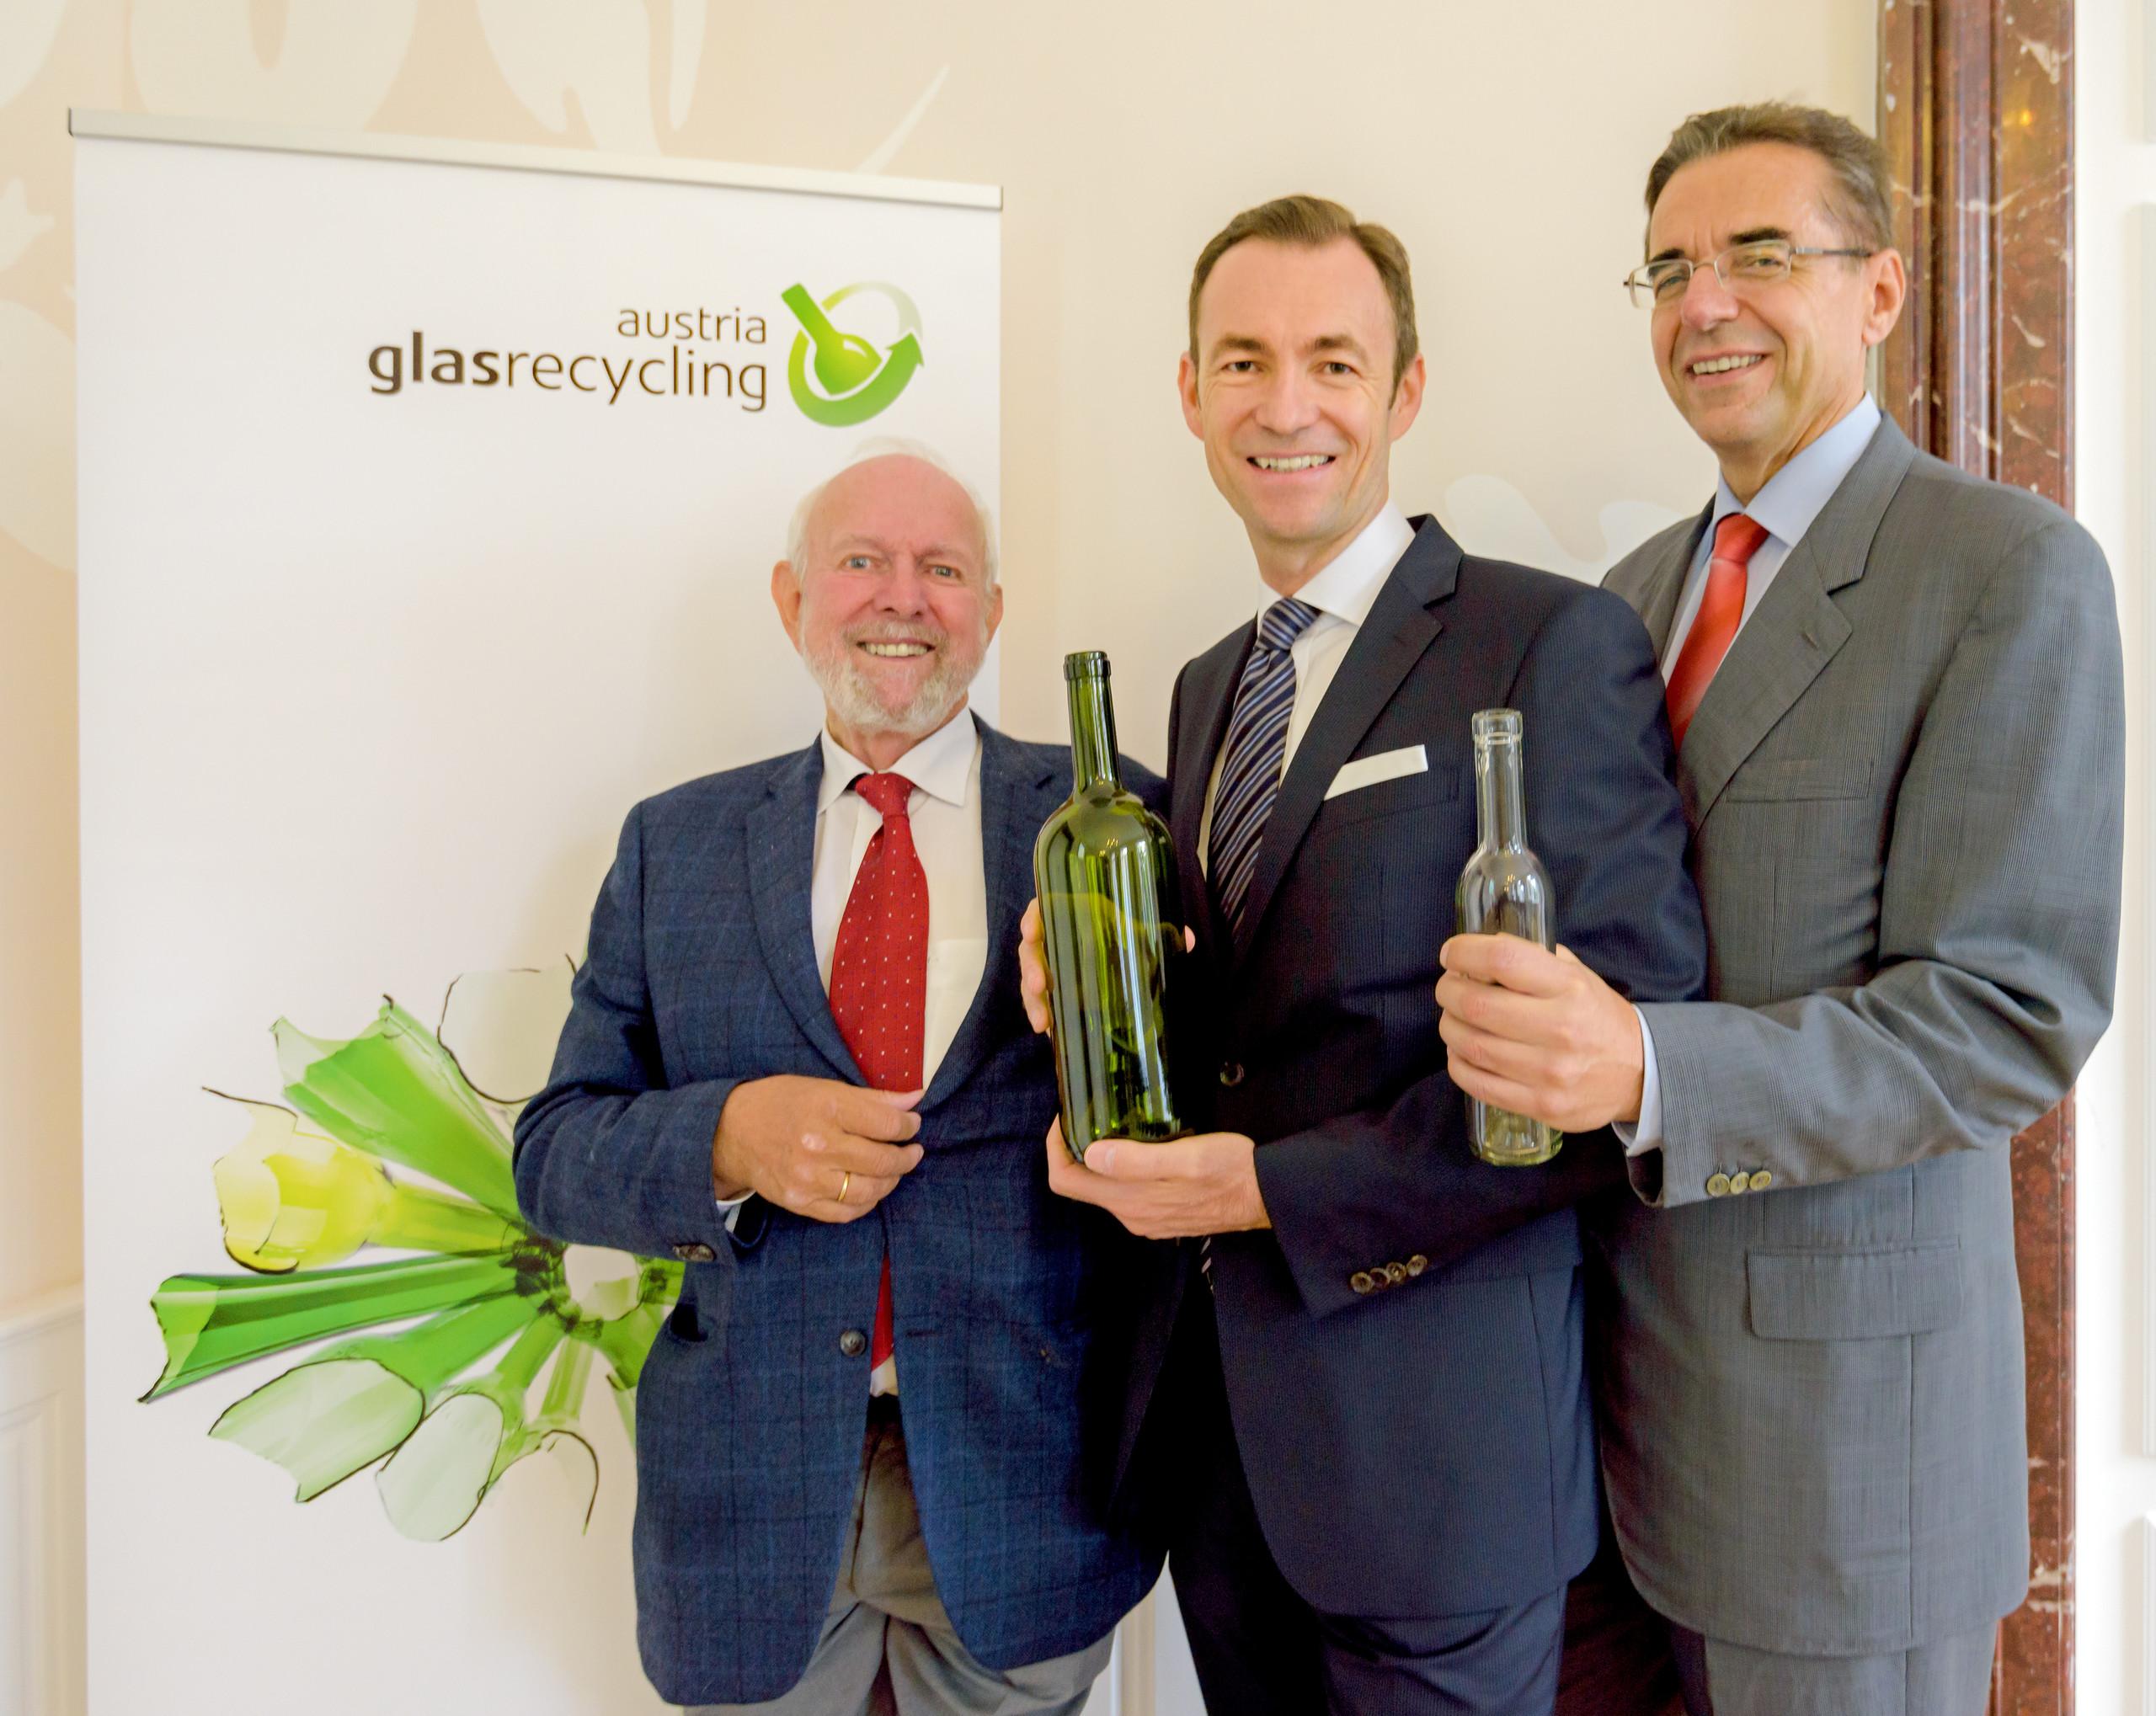 Professor Ernst Ulrich von Weizsäcker, Dr. Harald Hauke und Prokurist DI Dr. Haymo Schöner